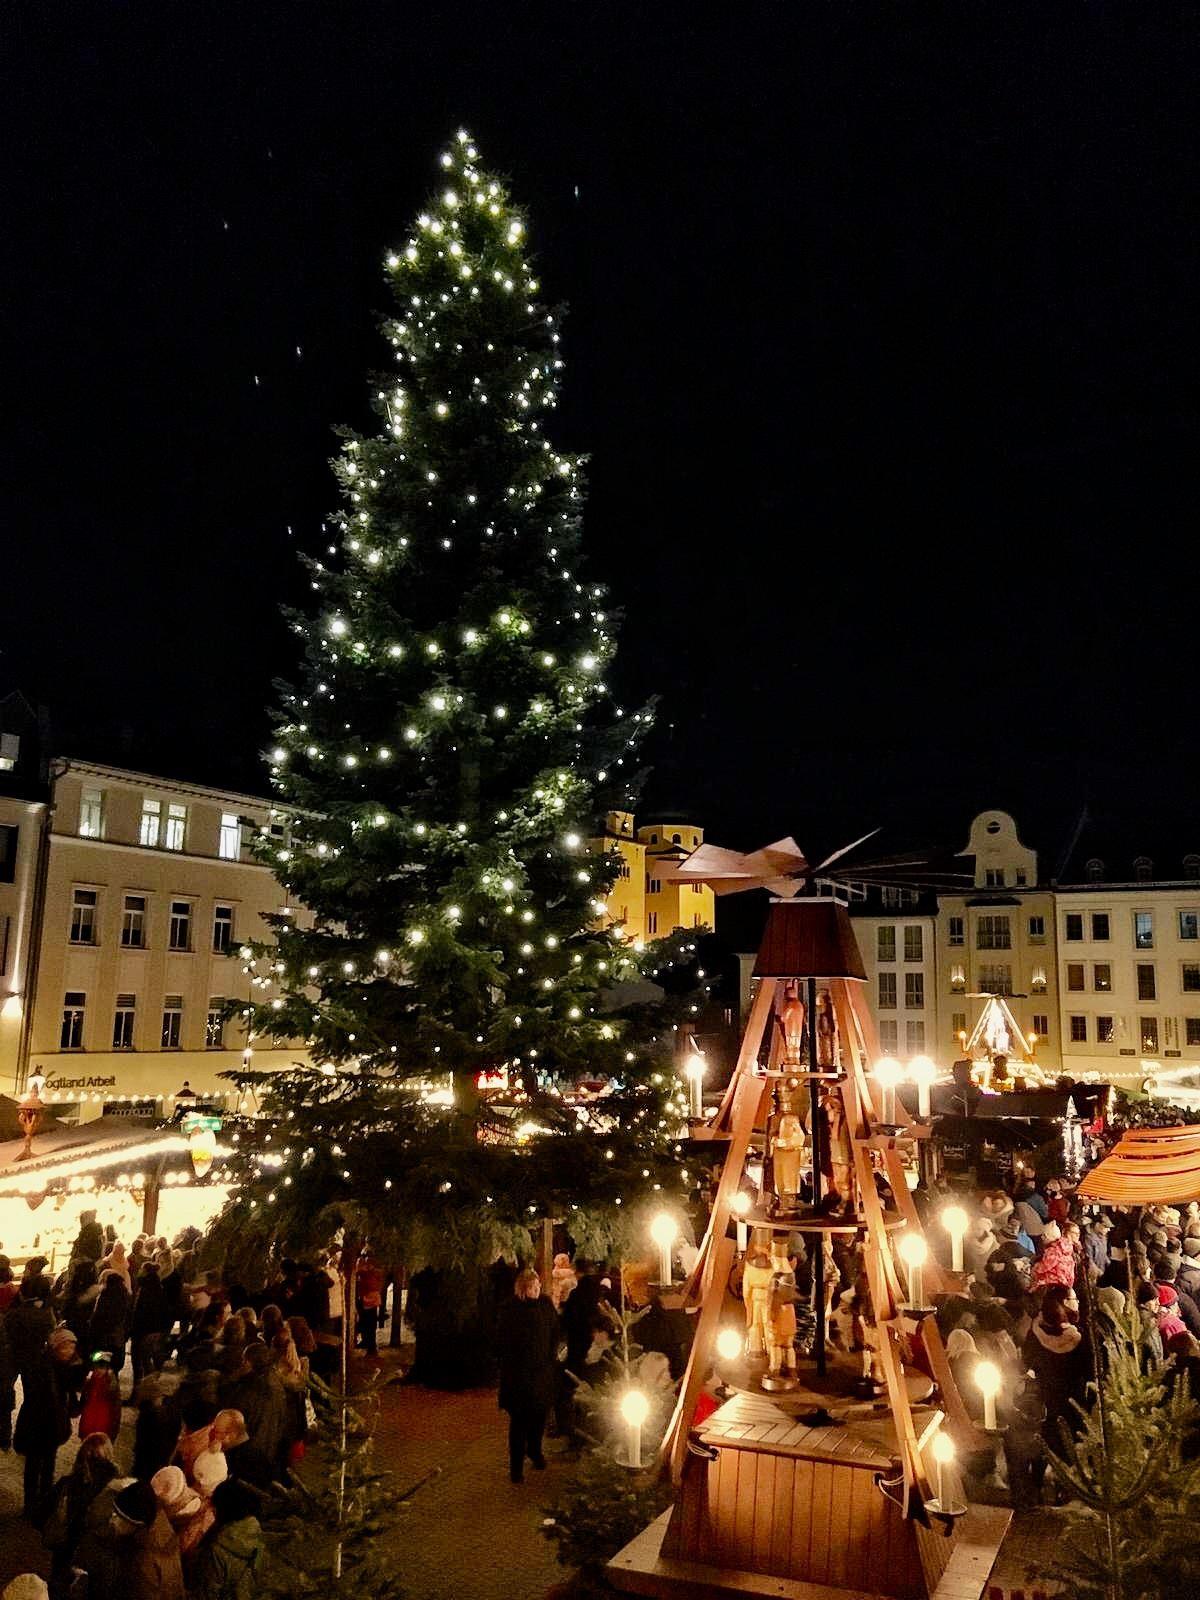 Ausflug in Sachsen zu Weihnachten: Die Pyramide in Plauen auf dem Weihnachtsmarkt